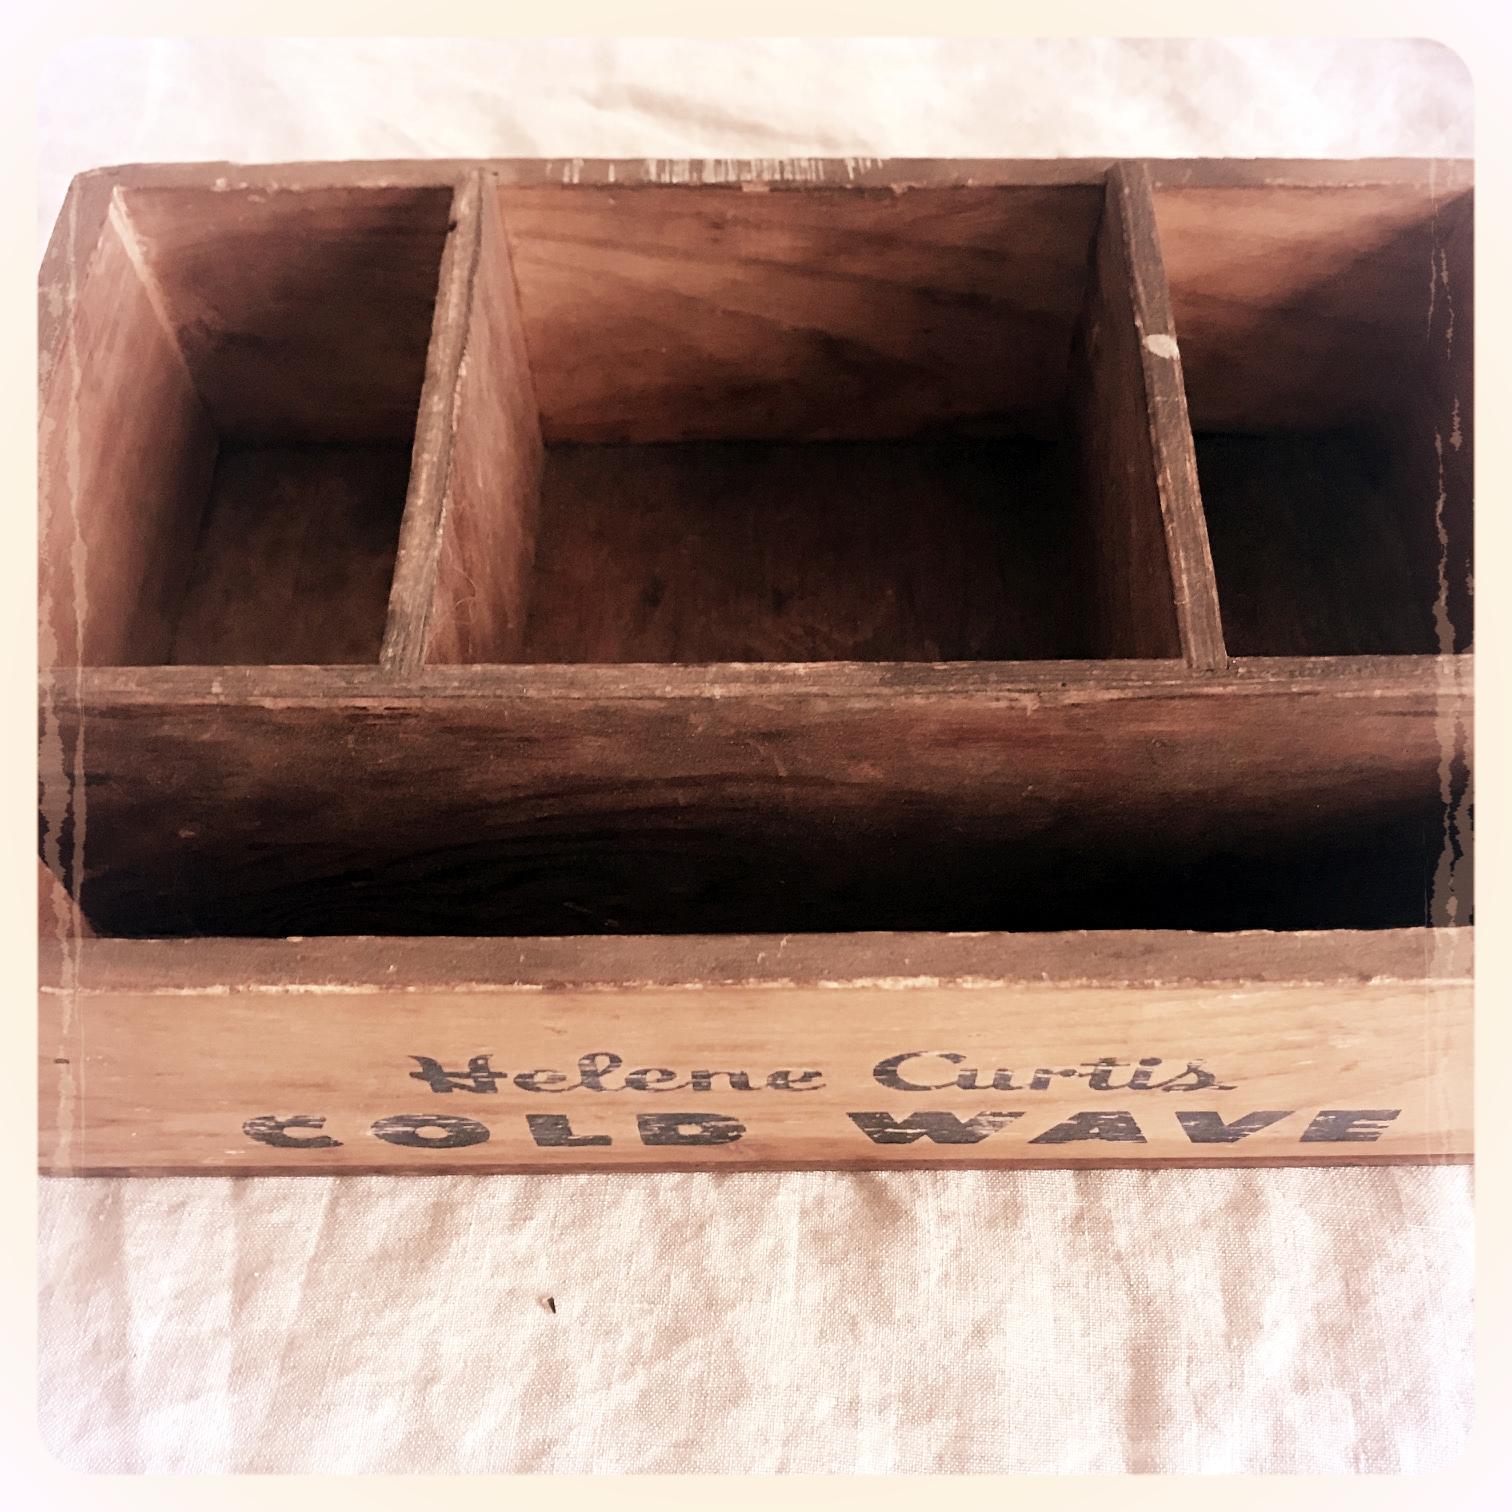 The perfect box.